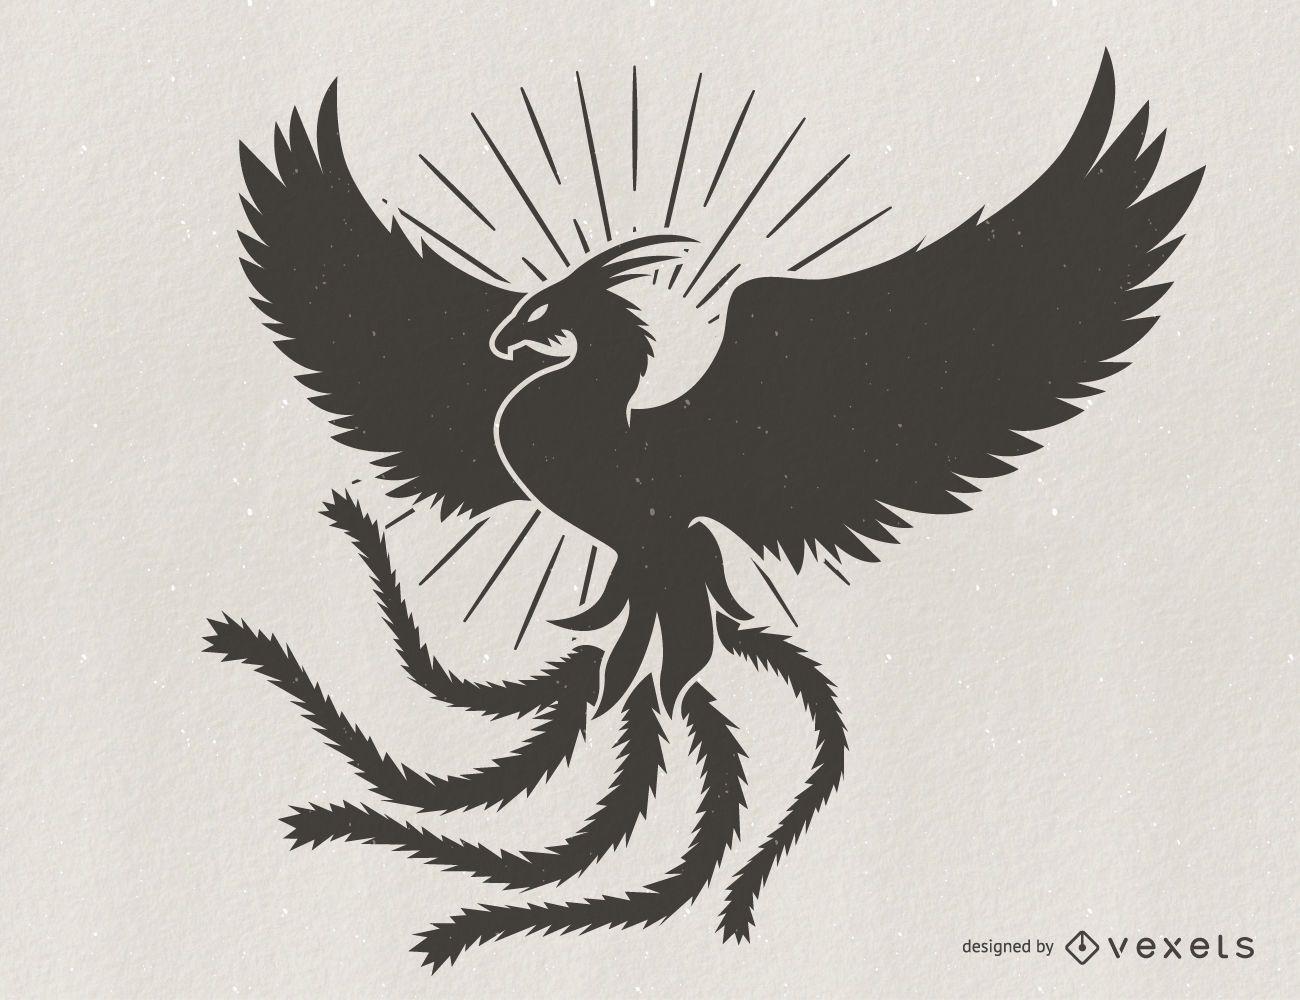 Ilustraci?n de silueta de Phoenix